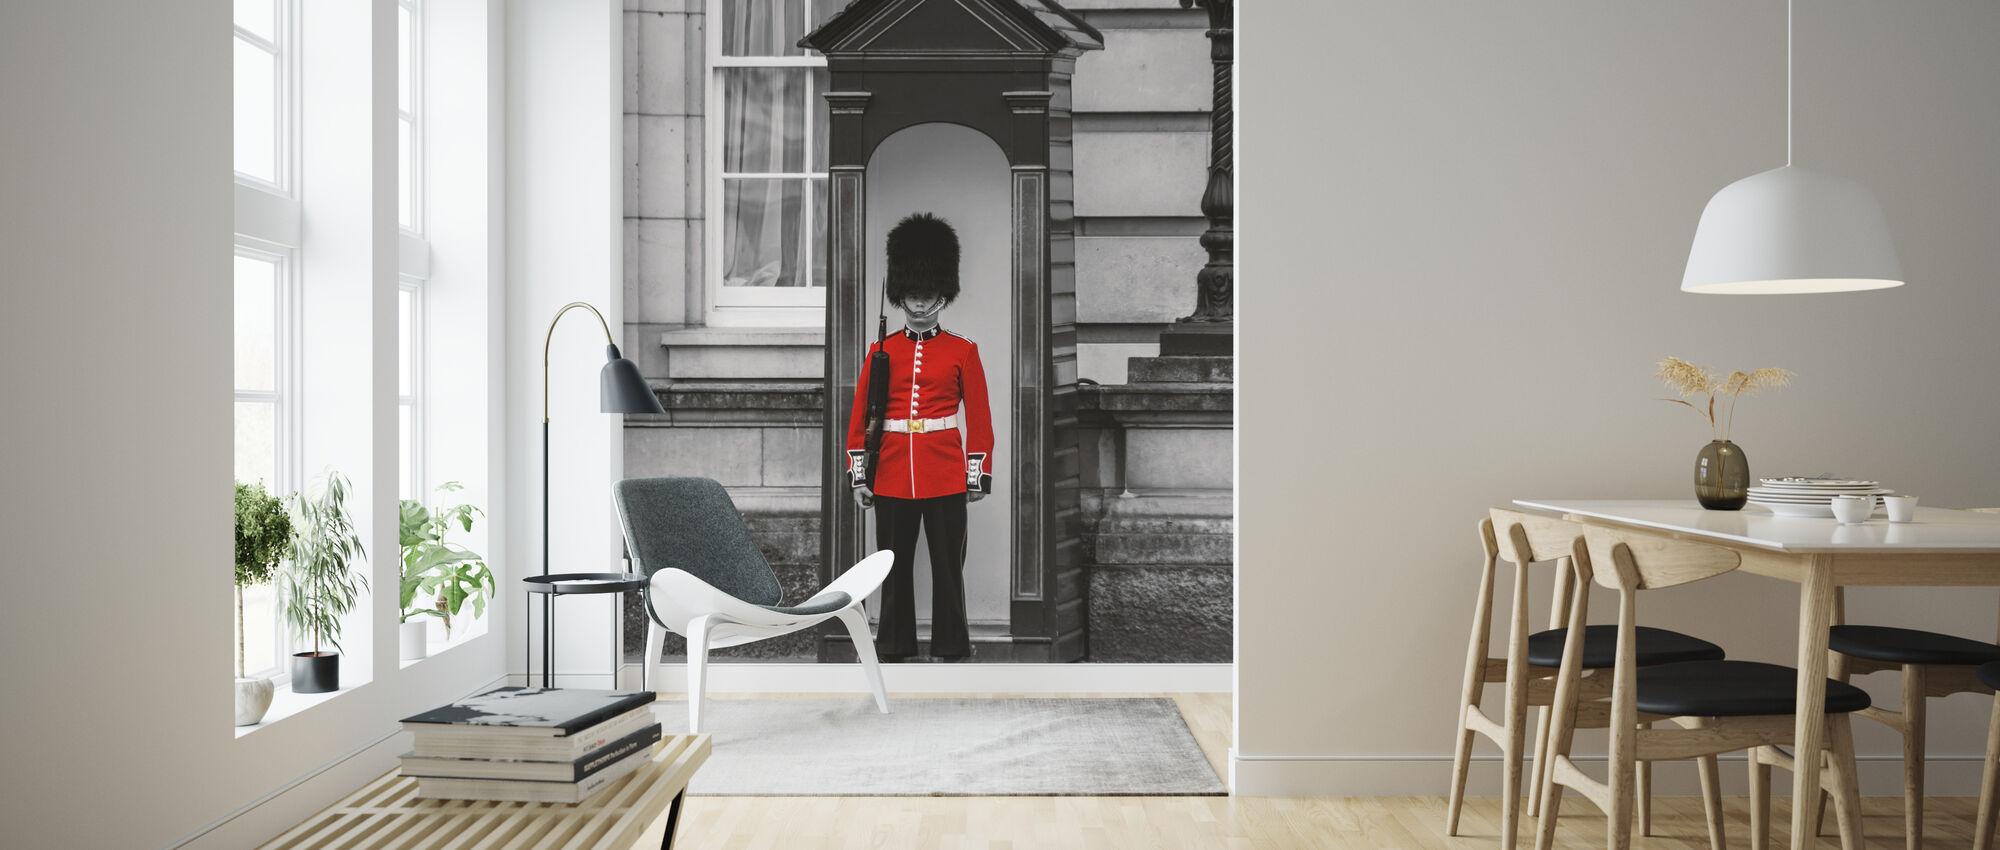 Grenadier Guard - Wallpaper - Living Room